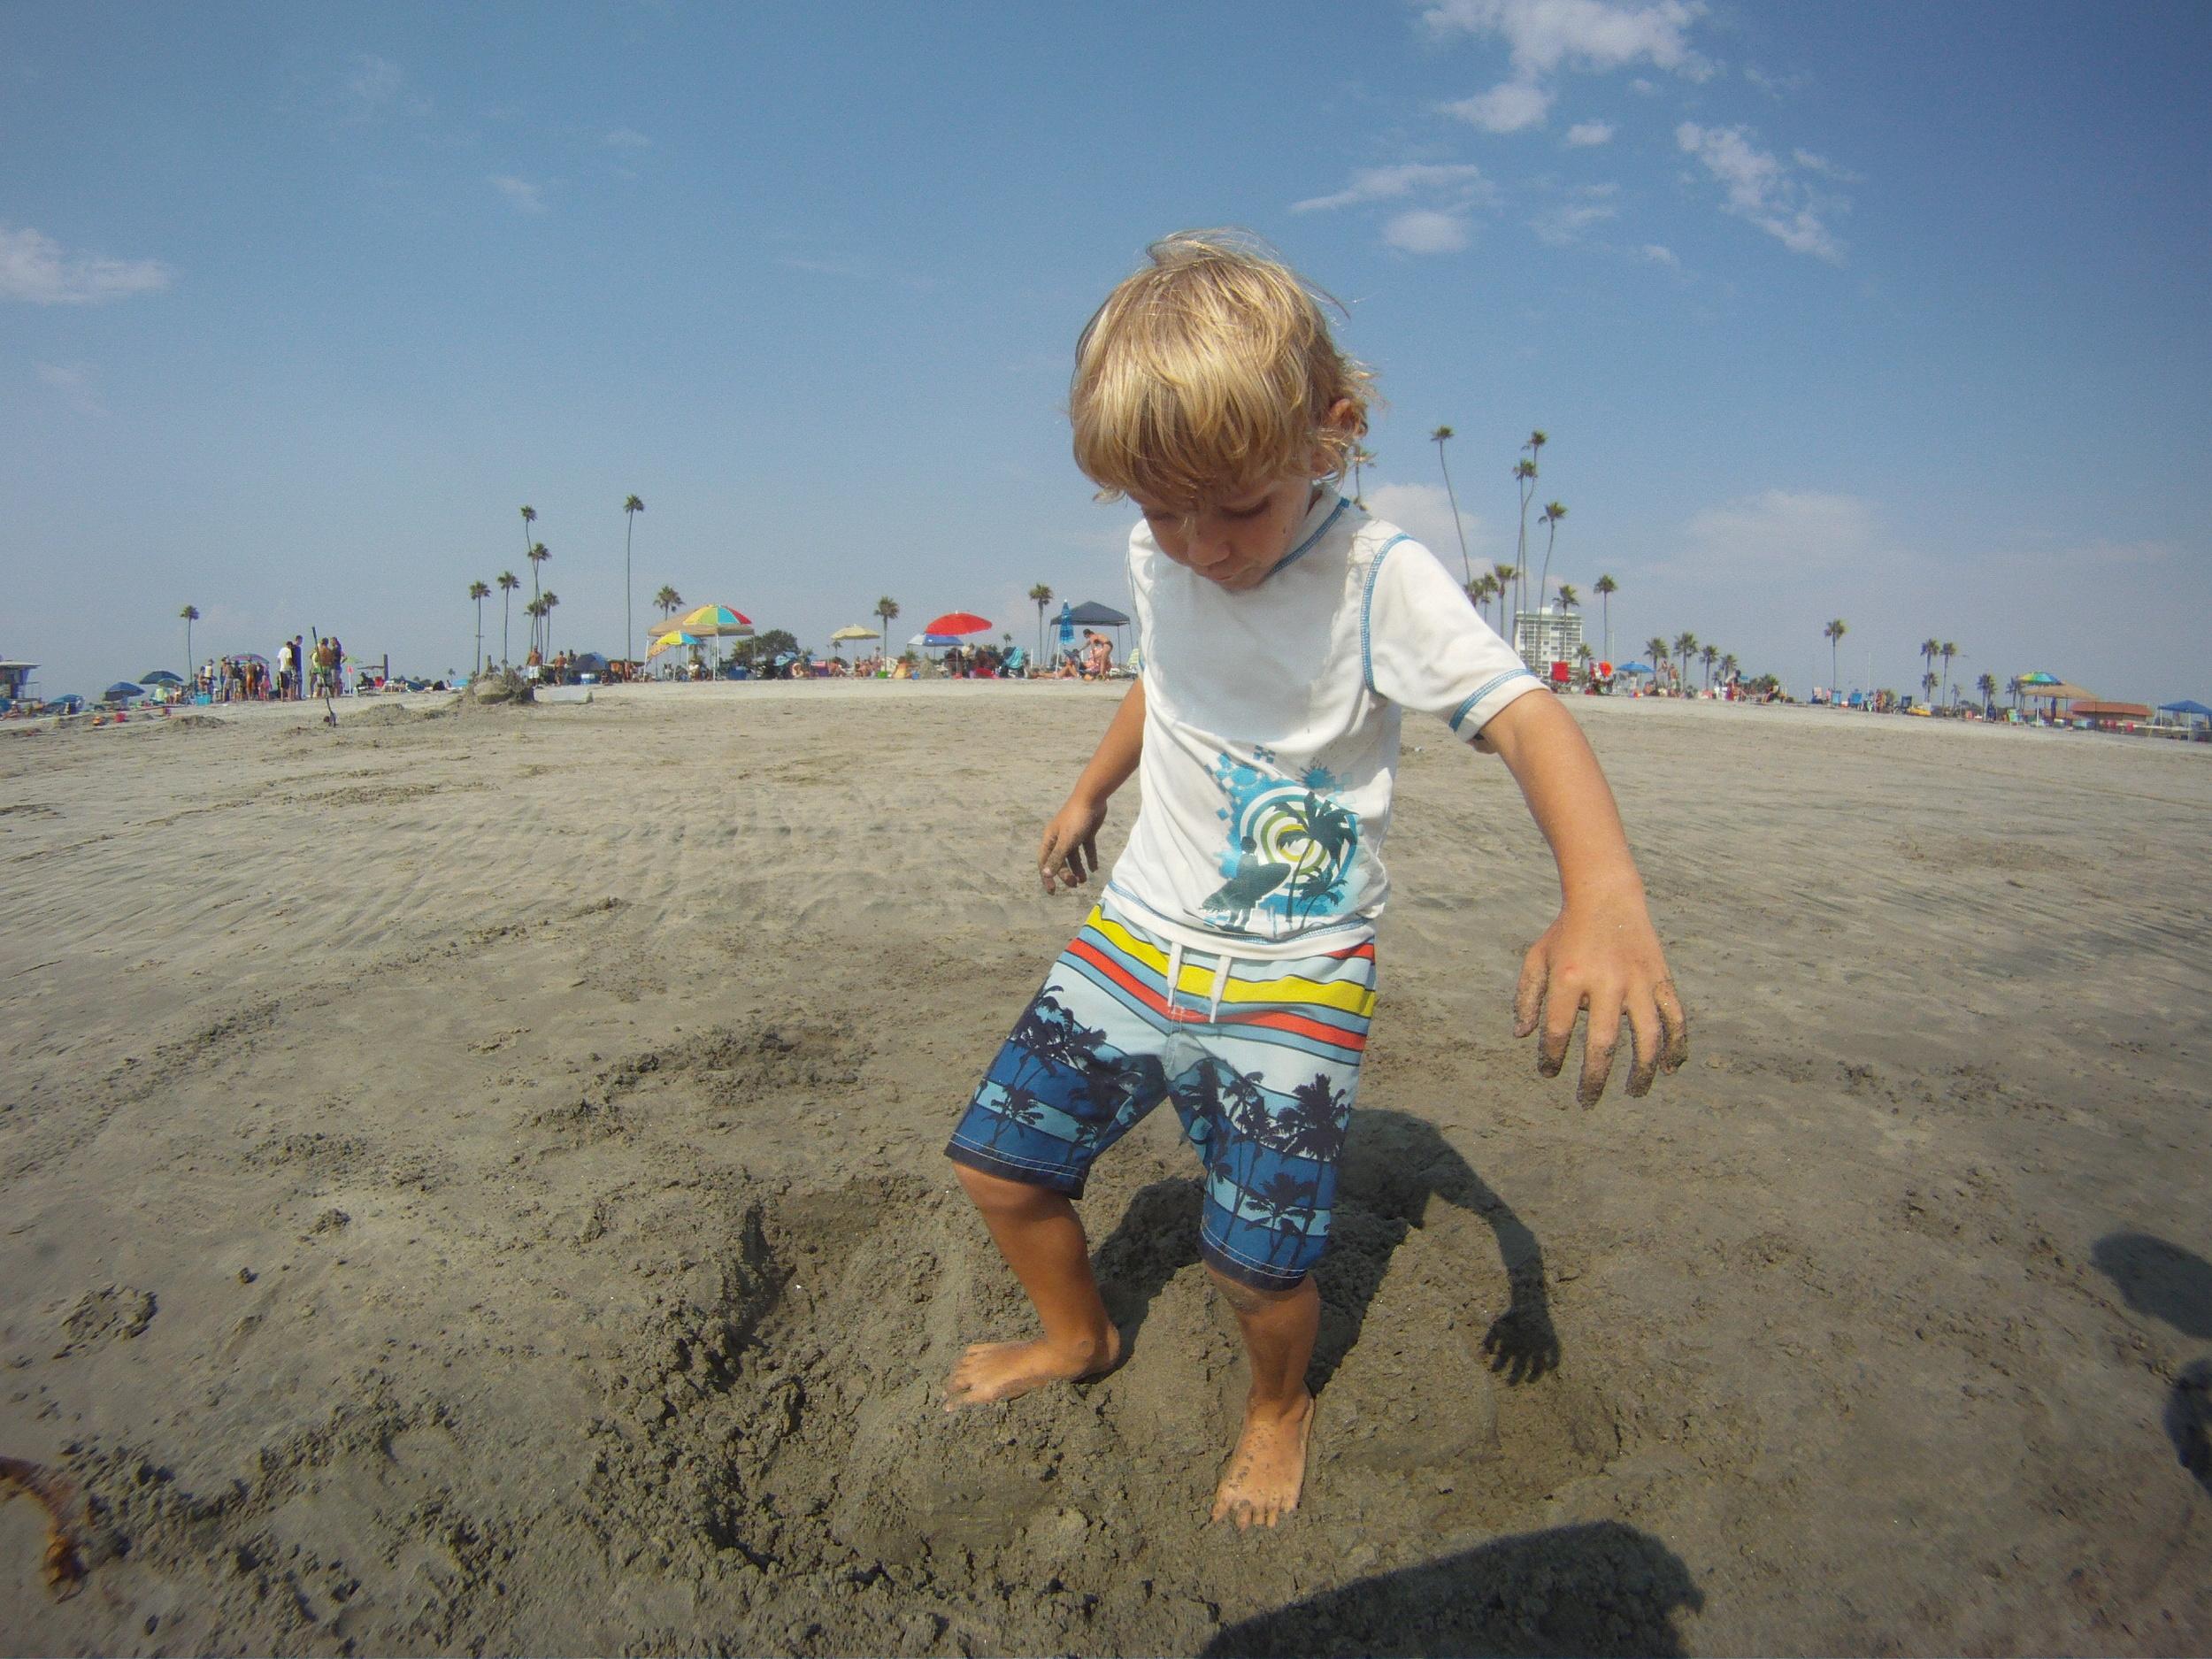 Hunter destroying a sandcastle